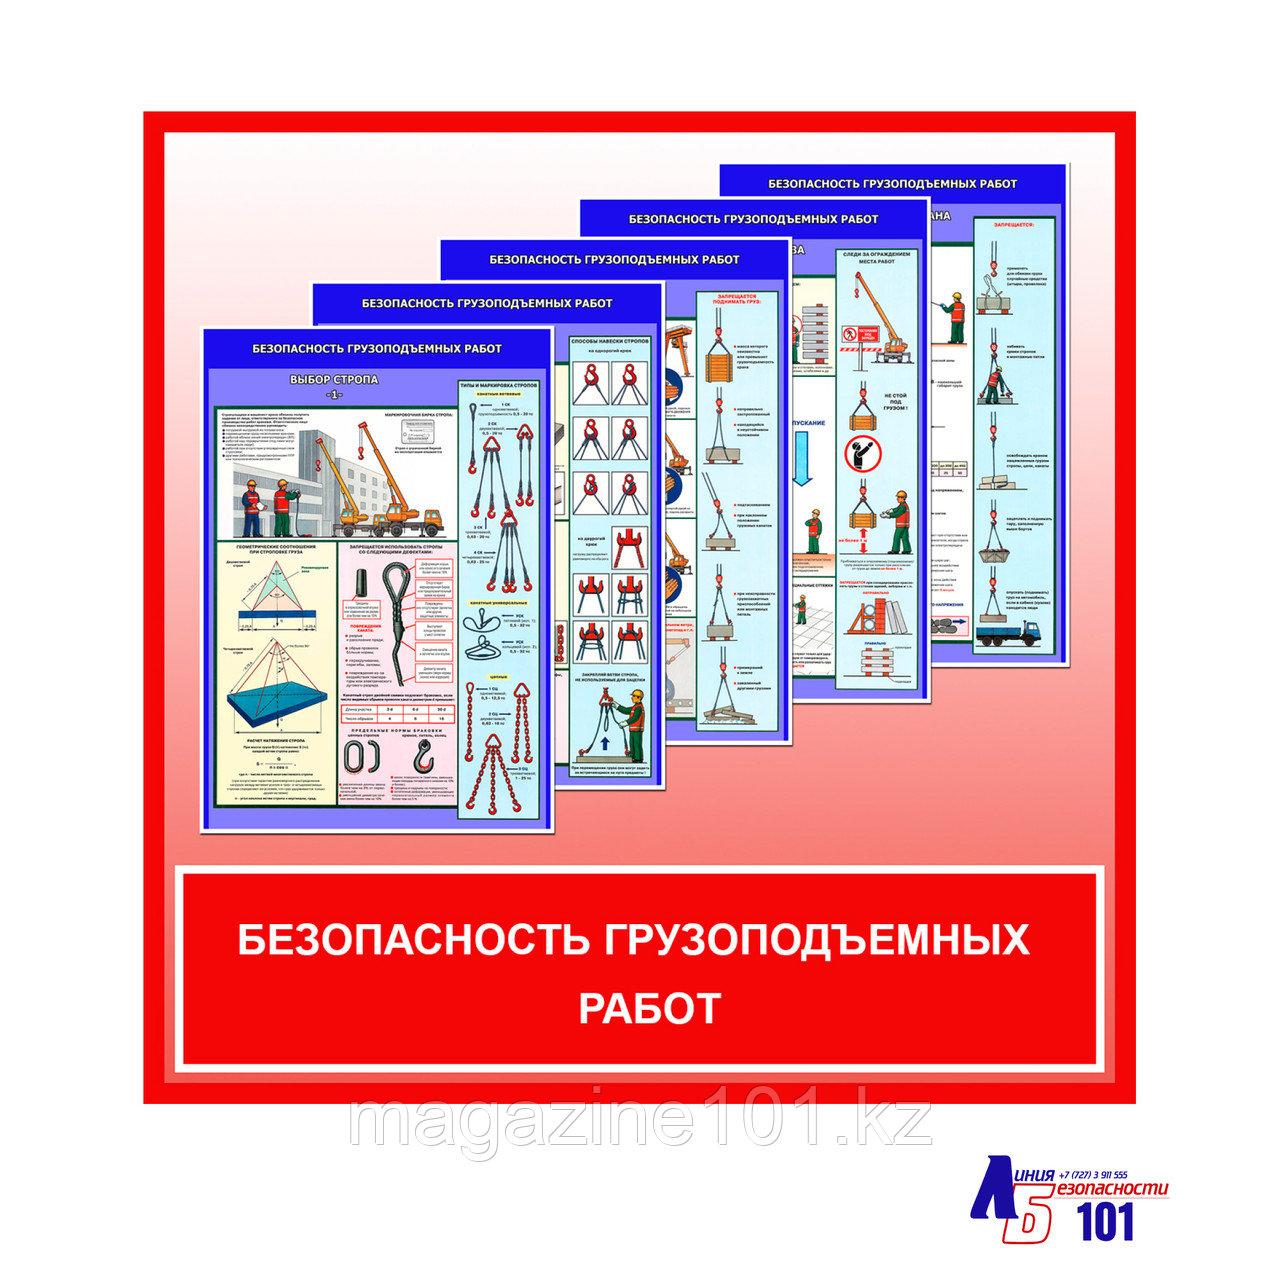 """Плакаты """"Безопасность грузоподъемных работ"""""""